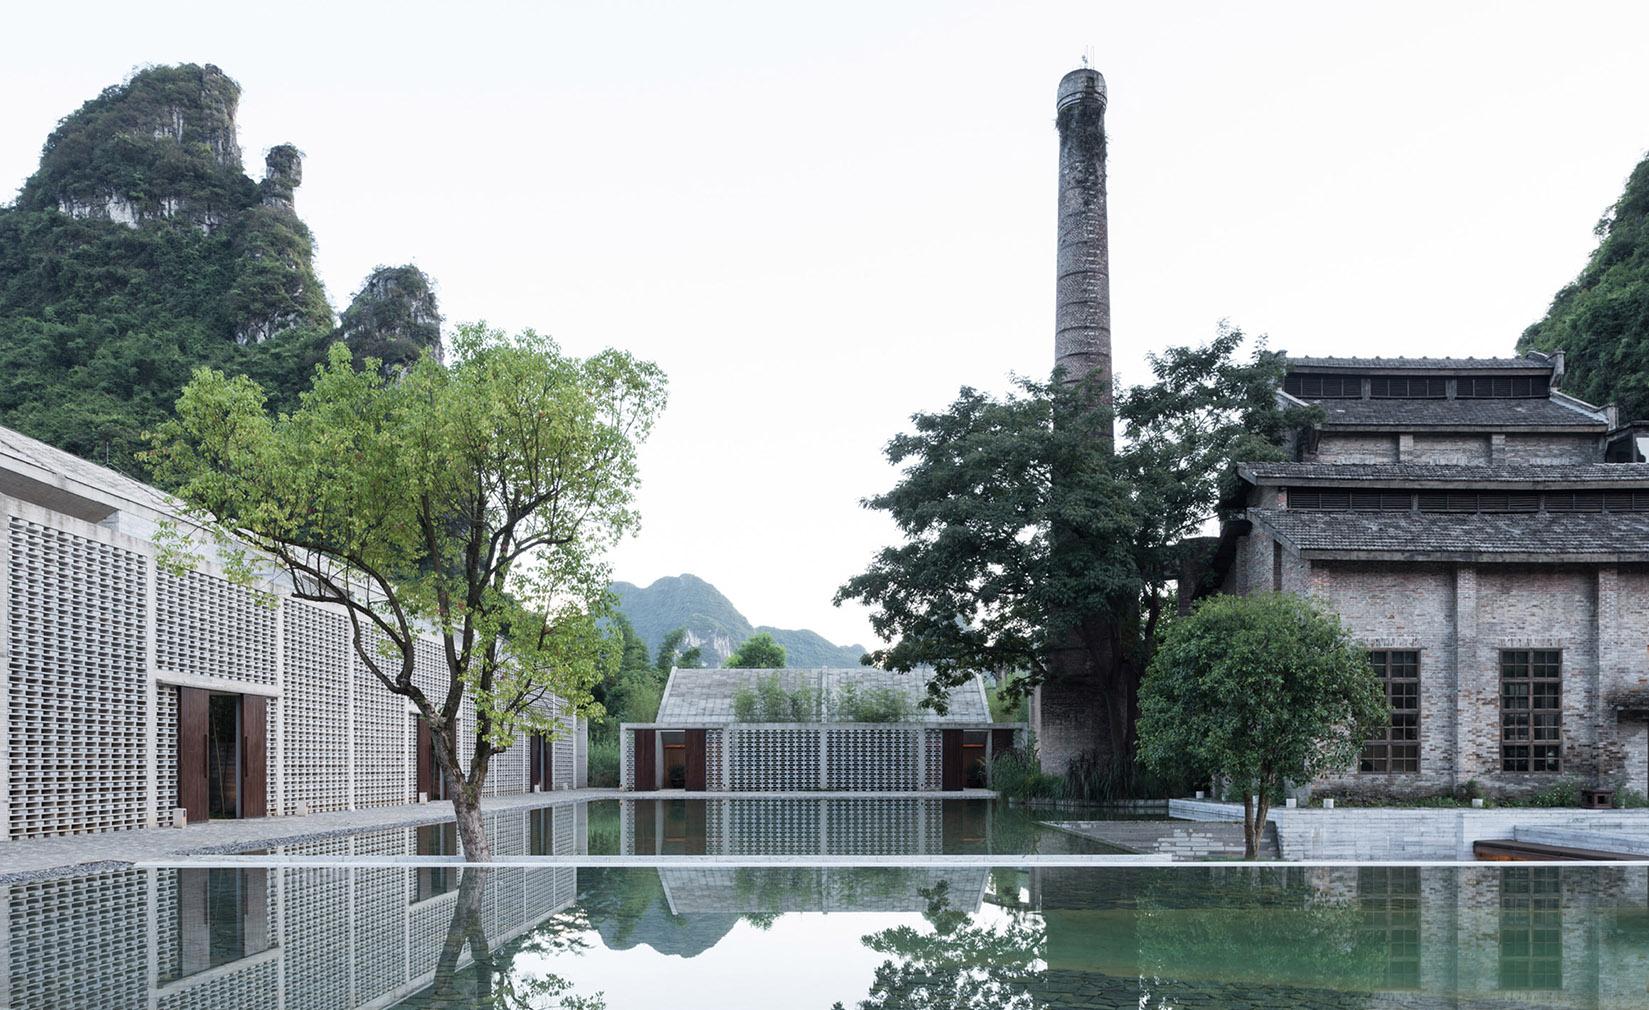 Alila Yangshuo Hotel in Guilin, Guangxi province